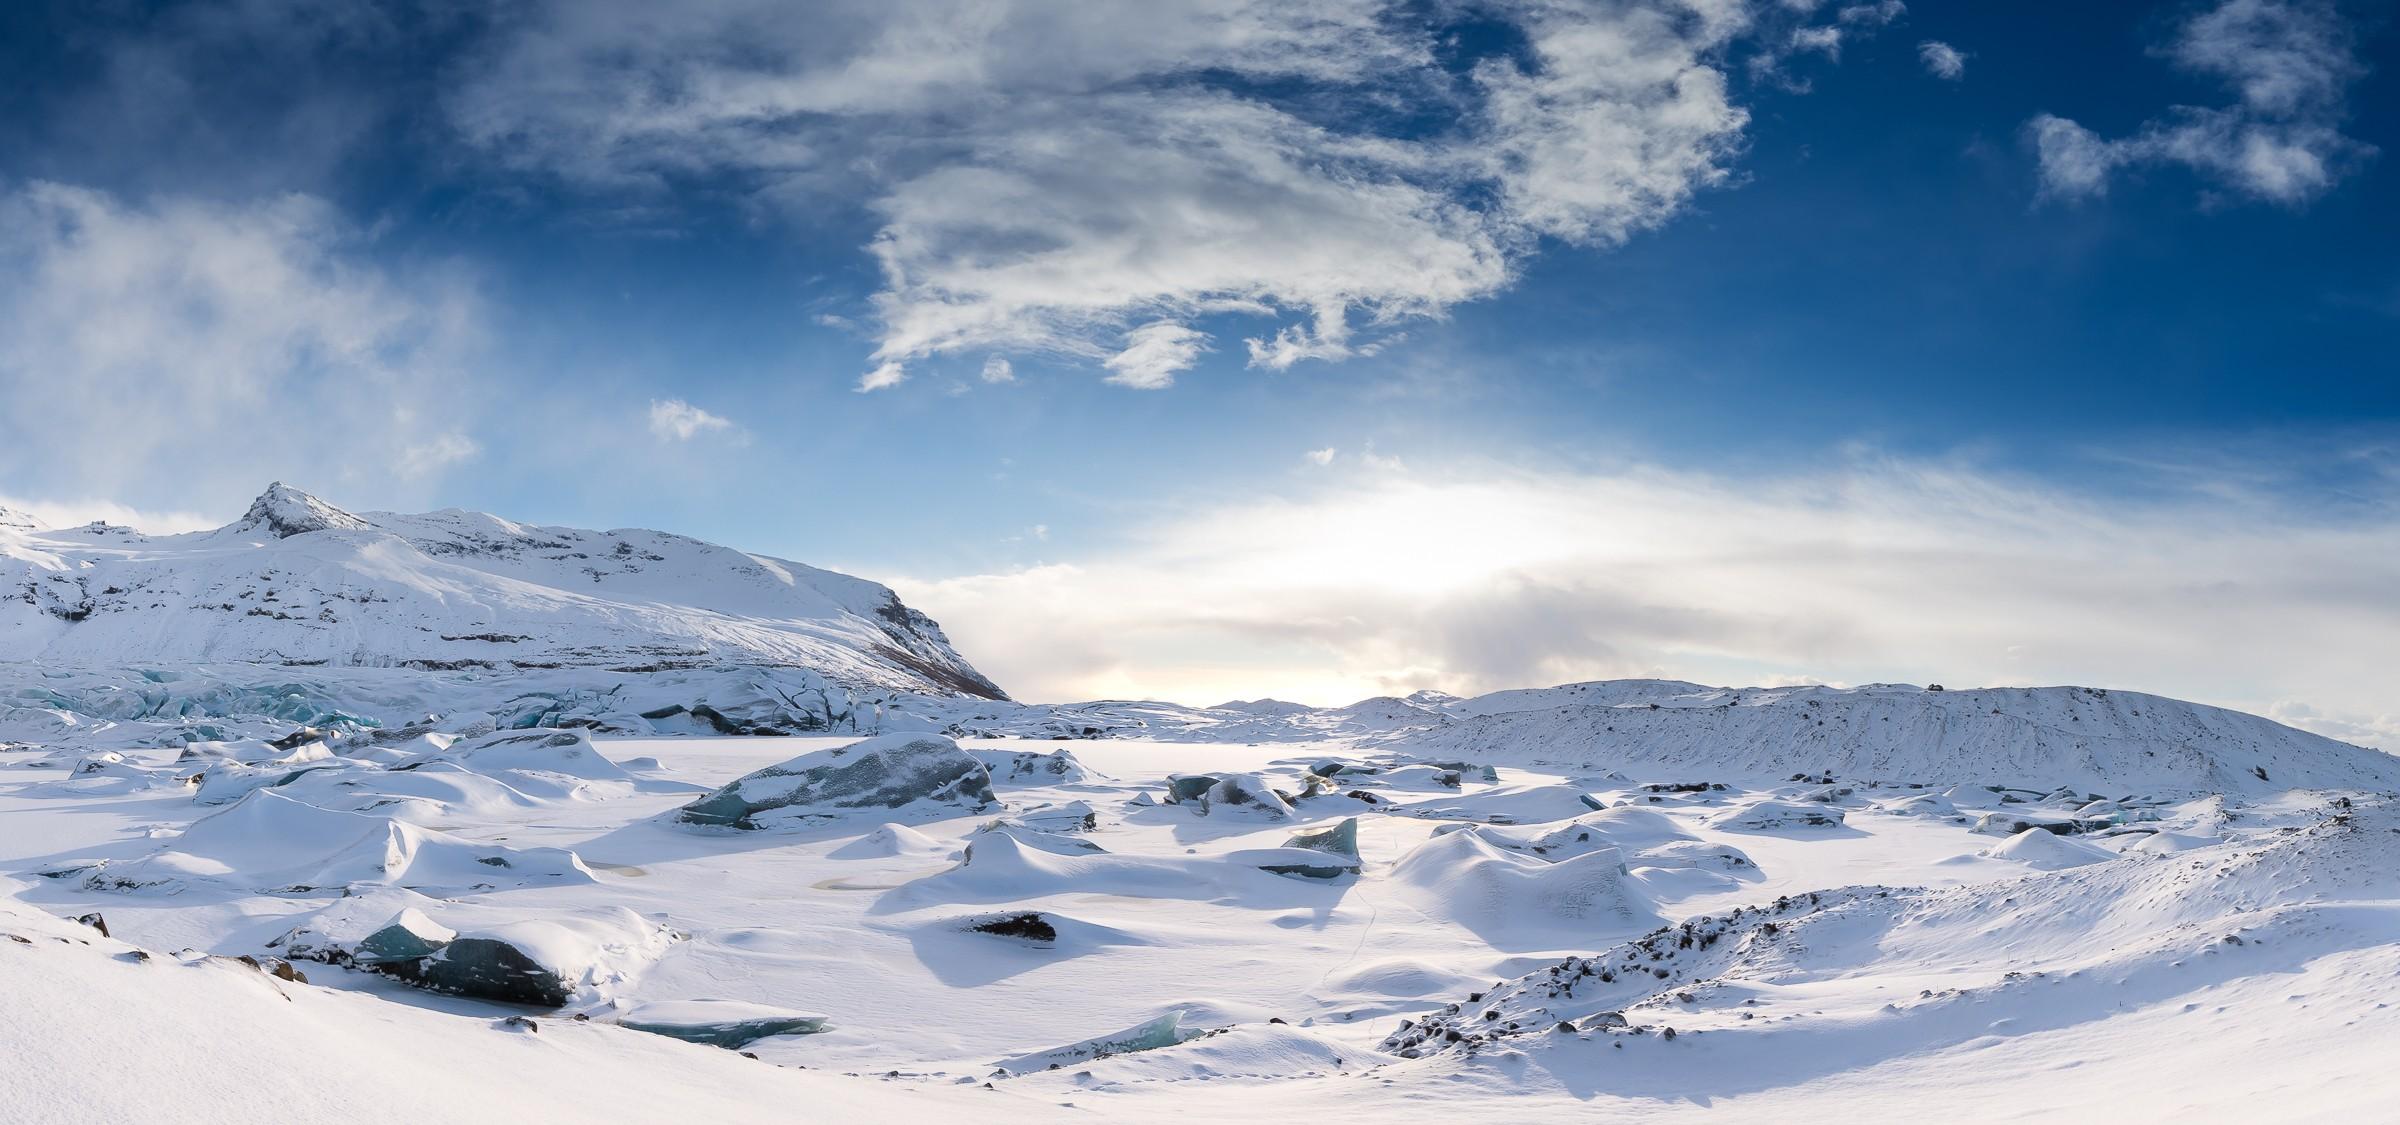 160206IJsland_D4S1114-Pano.jpg